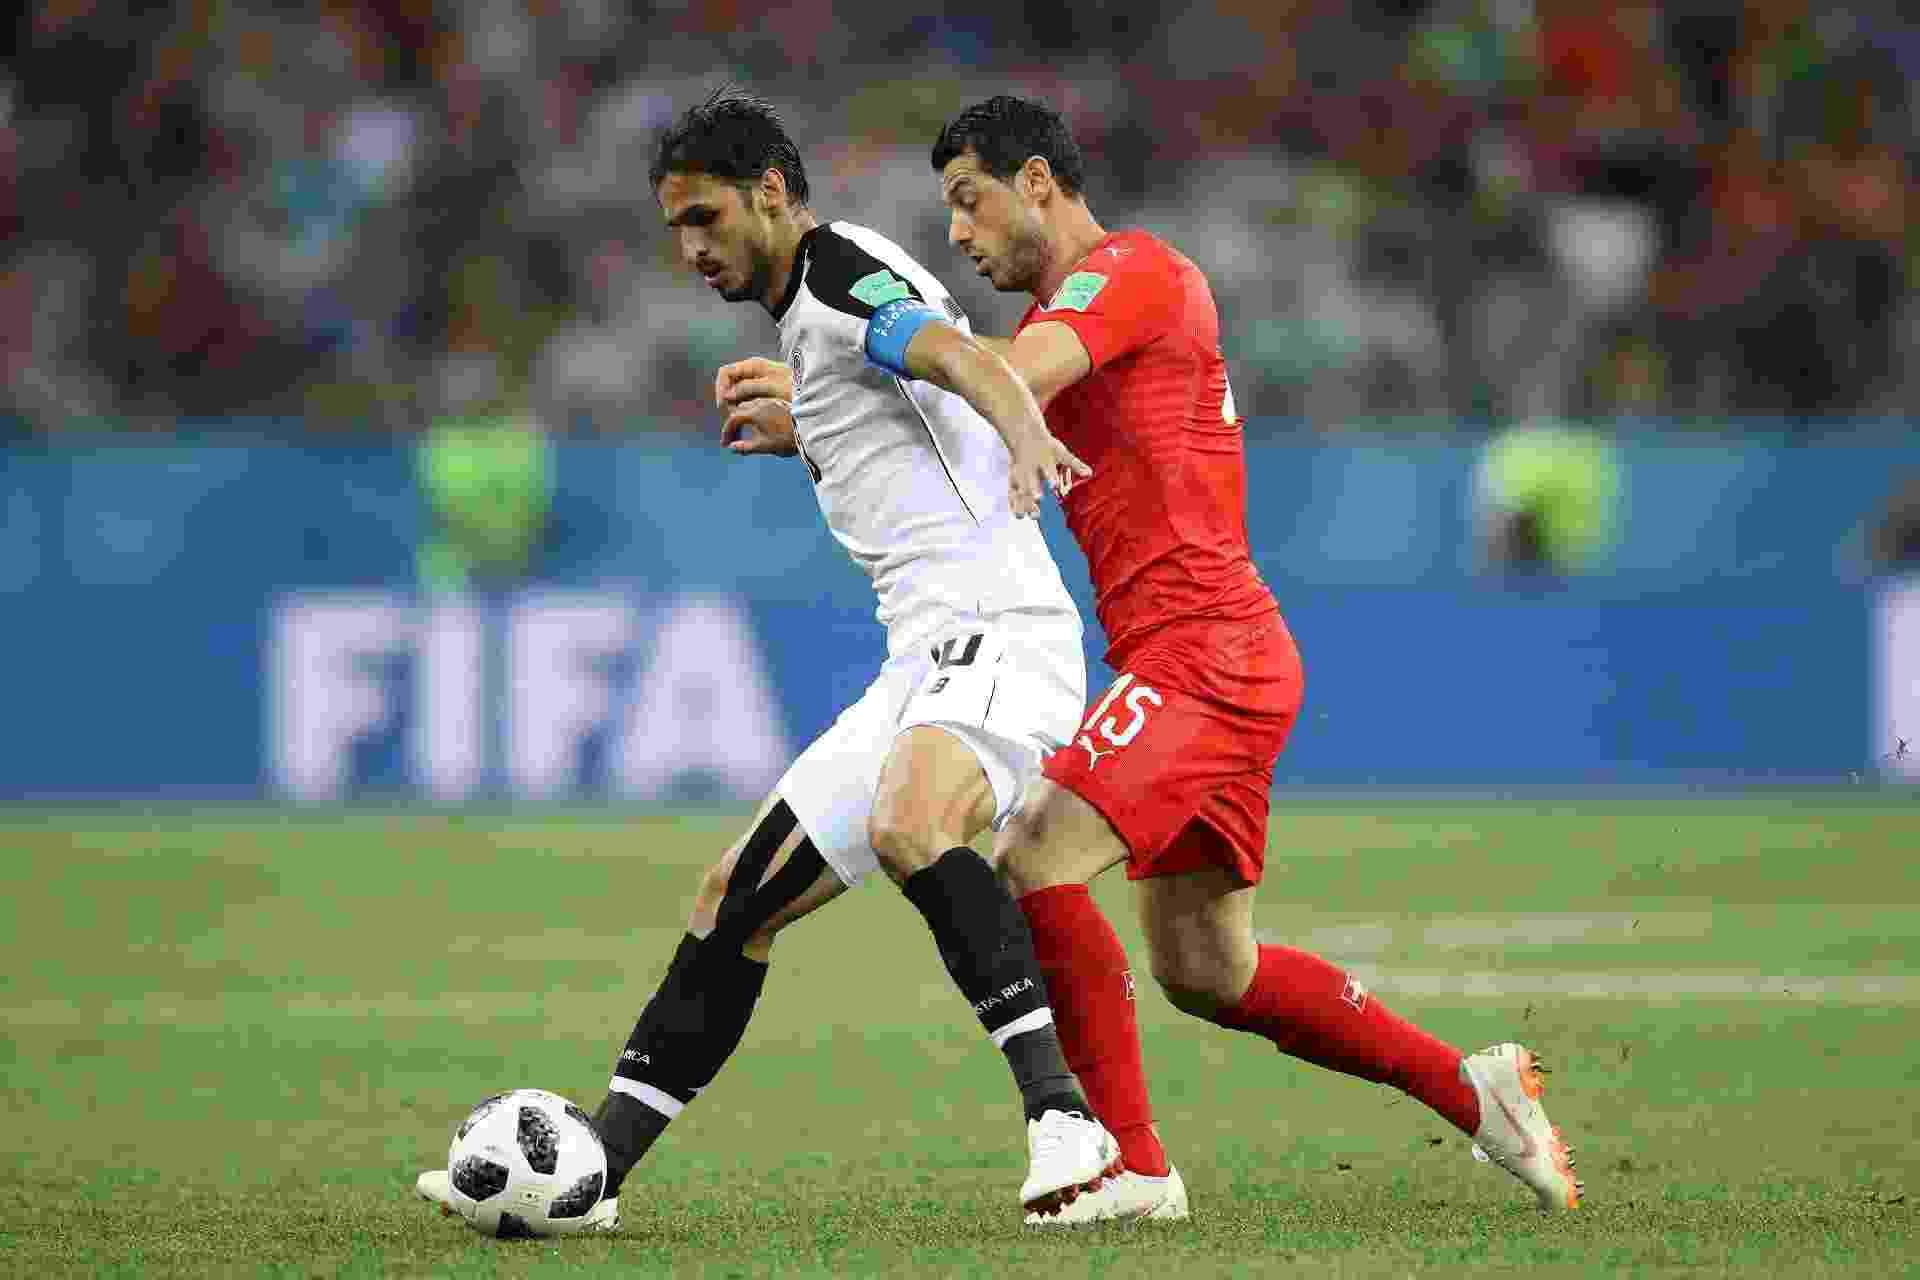 Bryan Ruiz, da Costa Rica, disputa bola com o suíço Blerim Dzemaili durante o jogo - Clive Mason/Getty Images